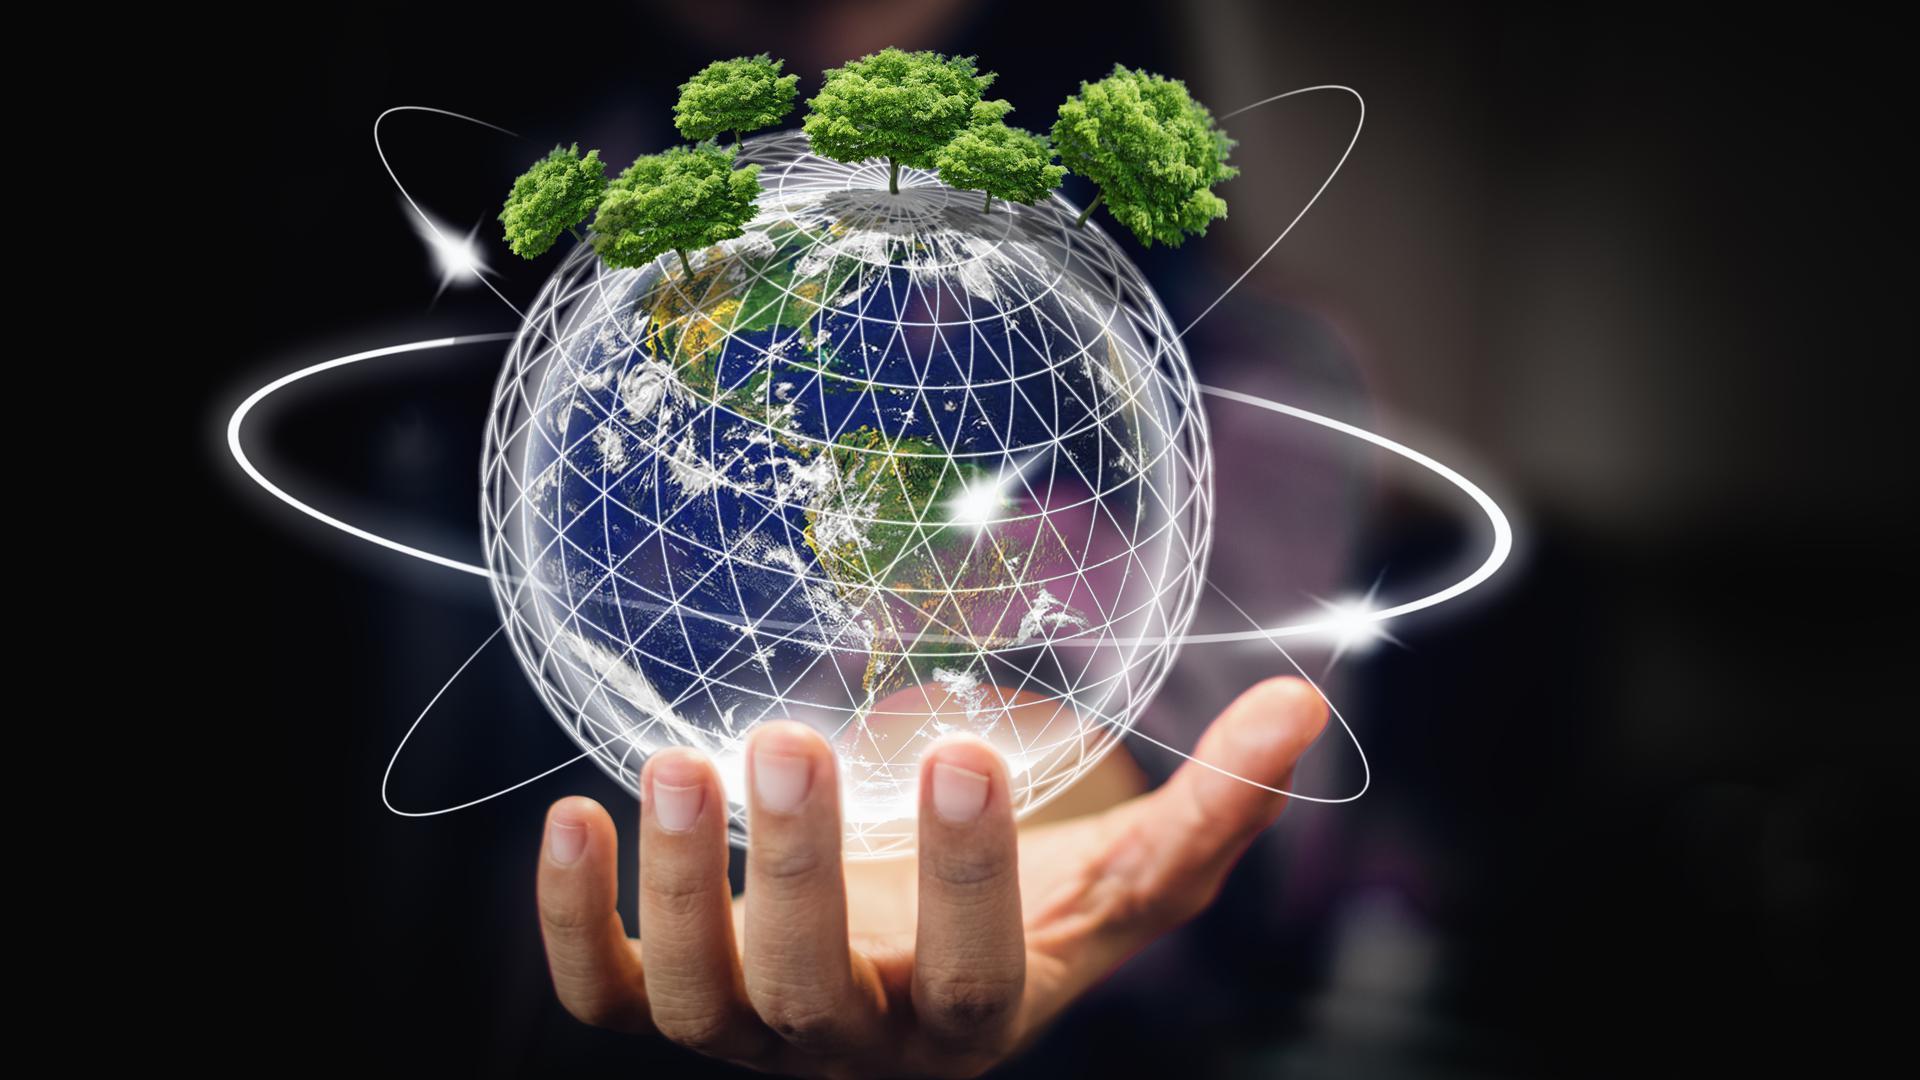 Die Ressourcen der Erde werden heute genutzt wie in keinem Zeitalter zuvor. Und das, obwohl sie oftmals nur begrenzt zur Verfügung stehen. Nachhaltigkeit bedeutet, mit den Ressourcen zu haushalten.